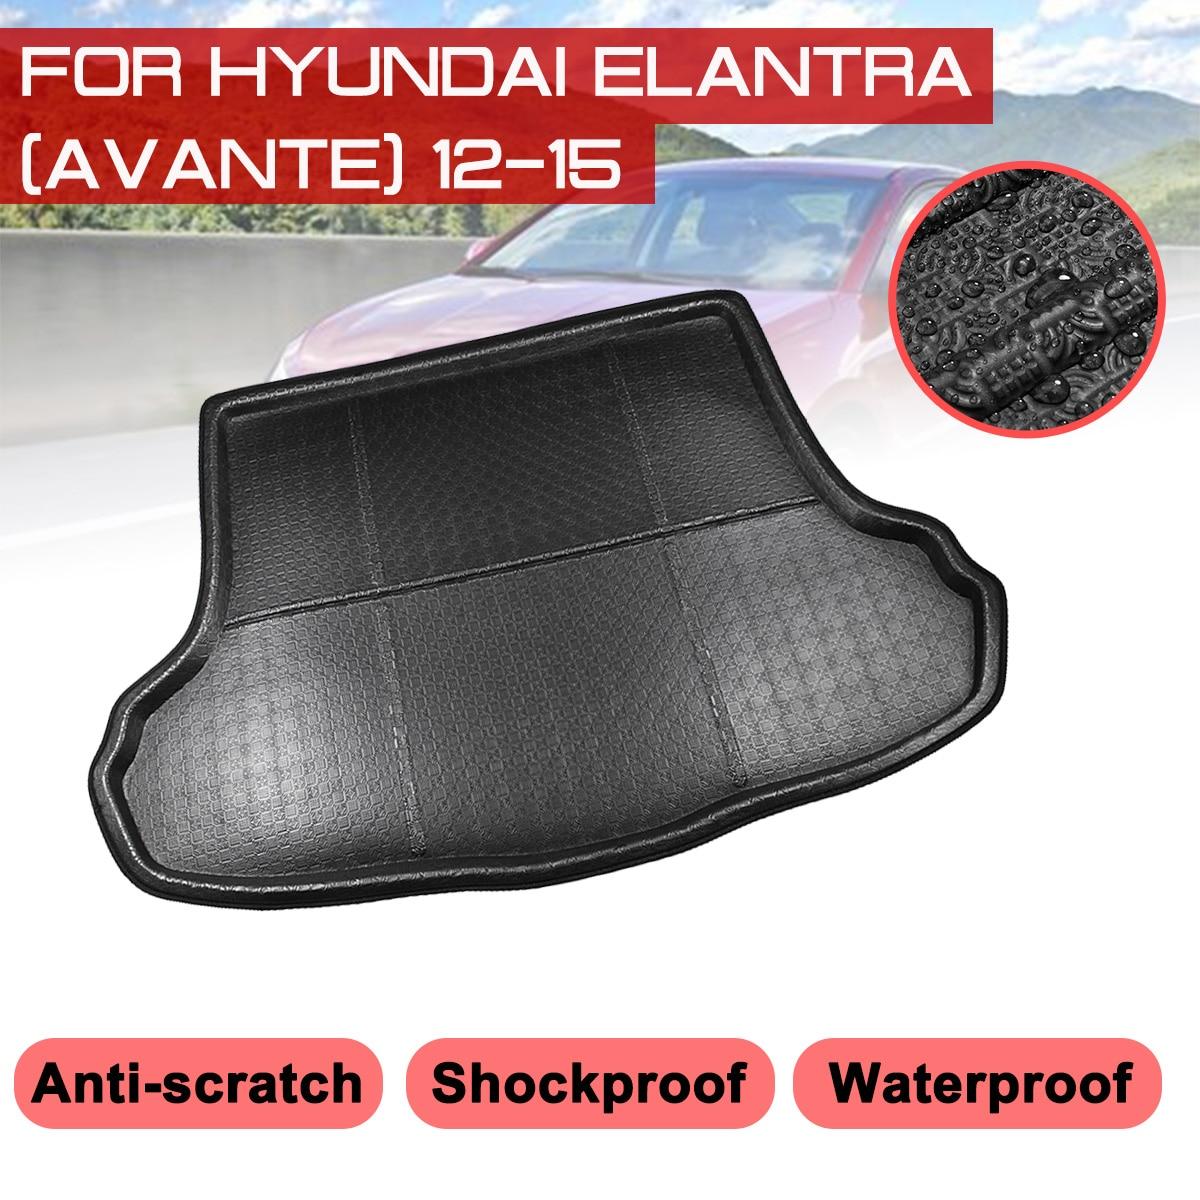 Araba arka bagaj önyükleme Mat Hyundai Elantra Avante 2012 2015 su geçirmez paspaslar halı Anti çamur tepsi kargo astar title=